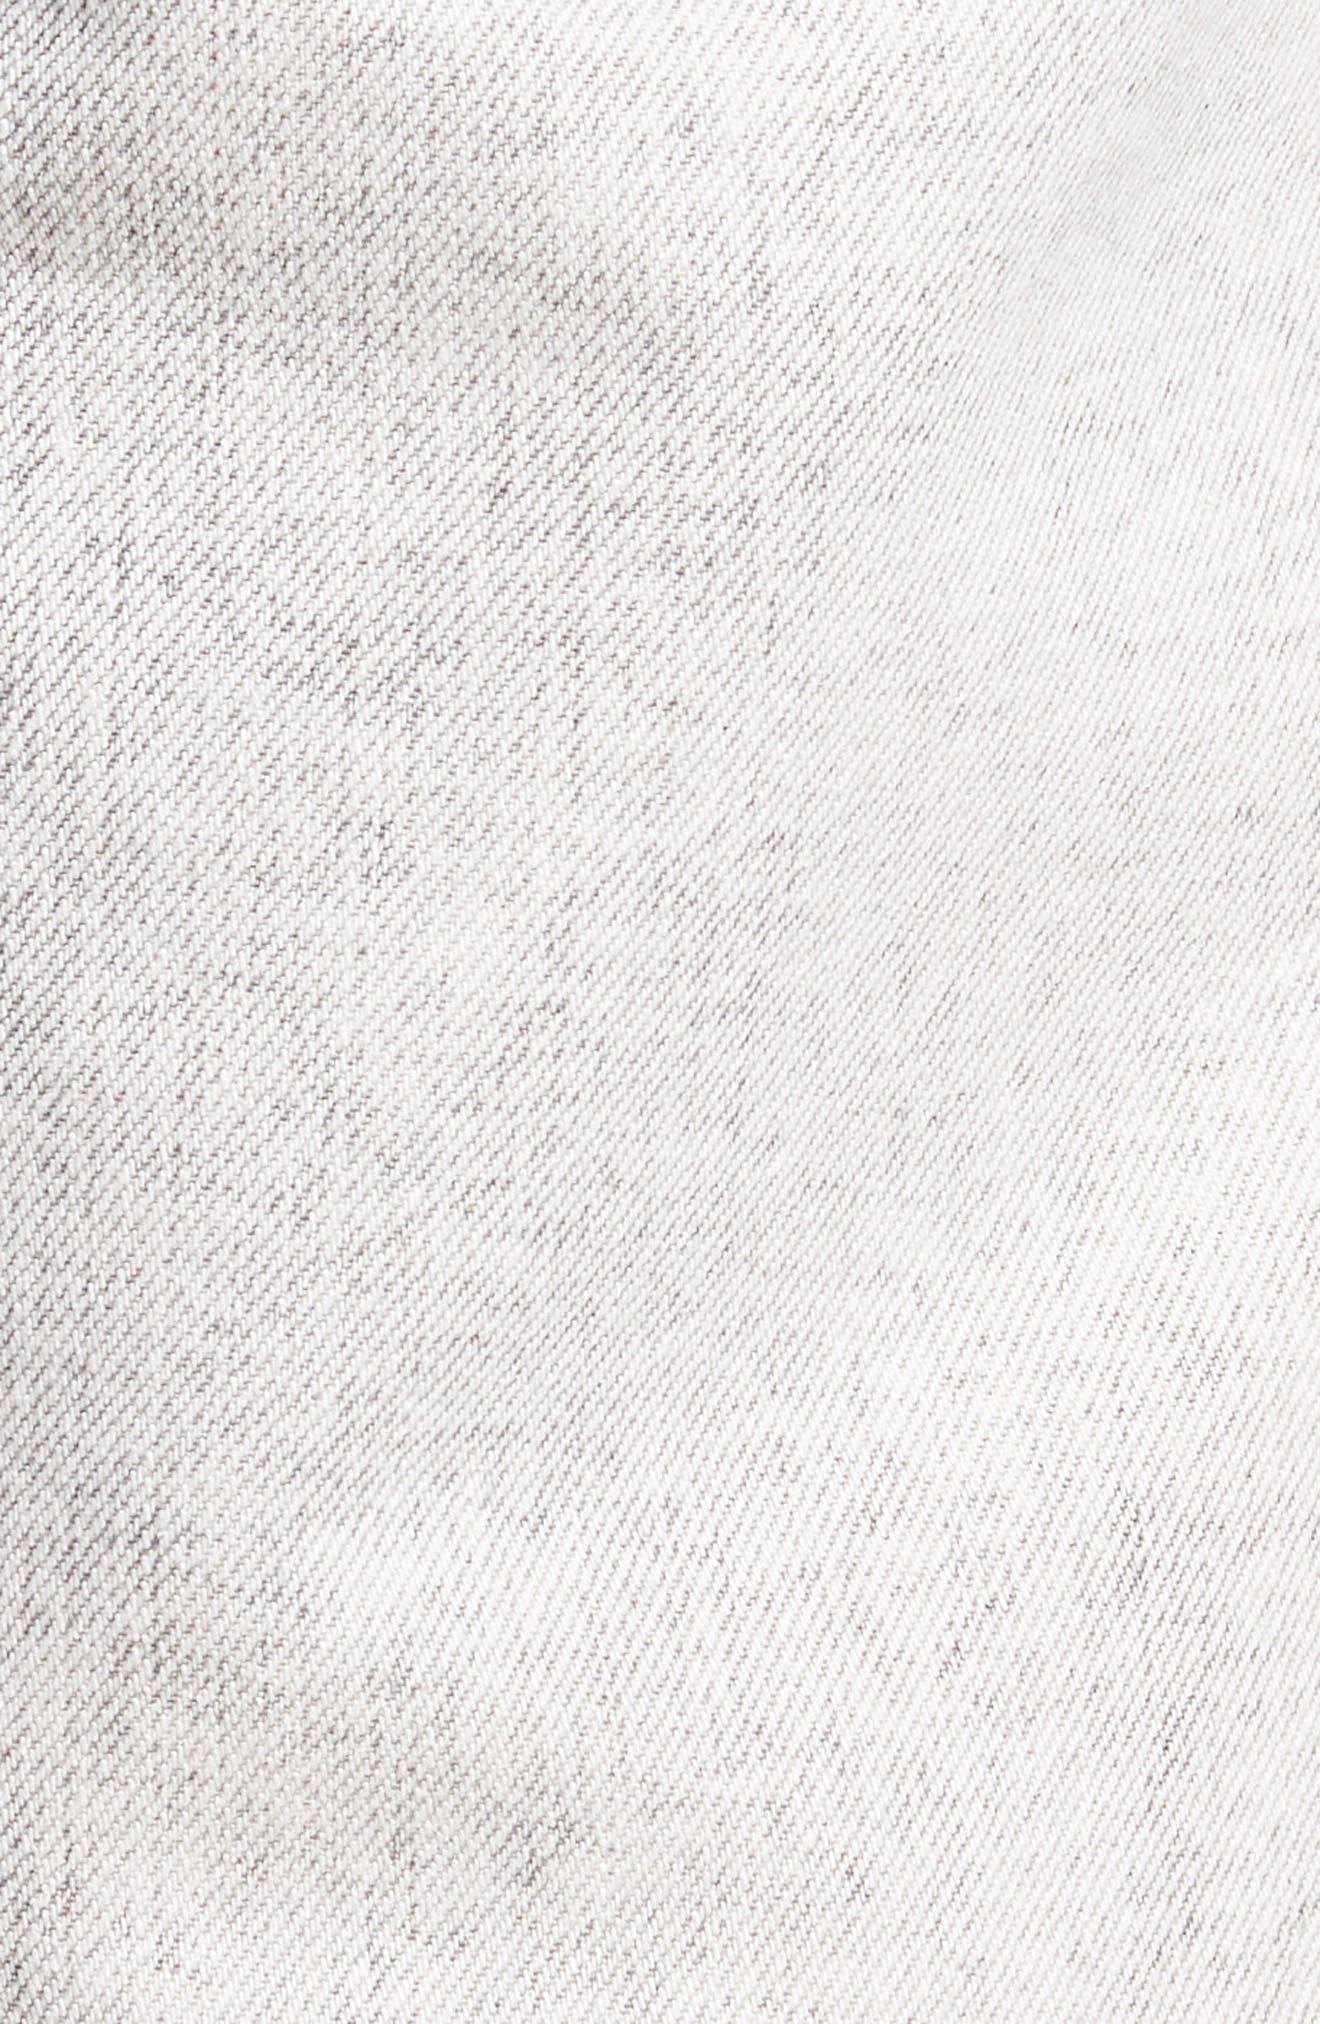 Dr. Denim Jeansmaker Otis Straight Fit Jeans,                             Alternate thumbnail 6, color,                             Dirty White